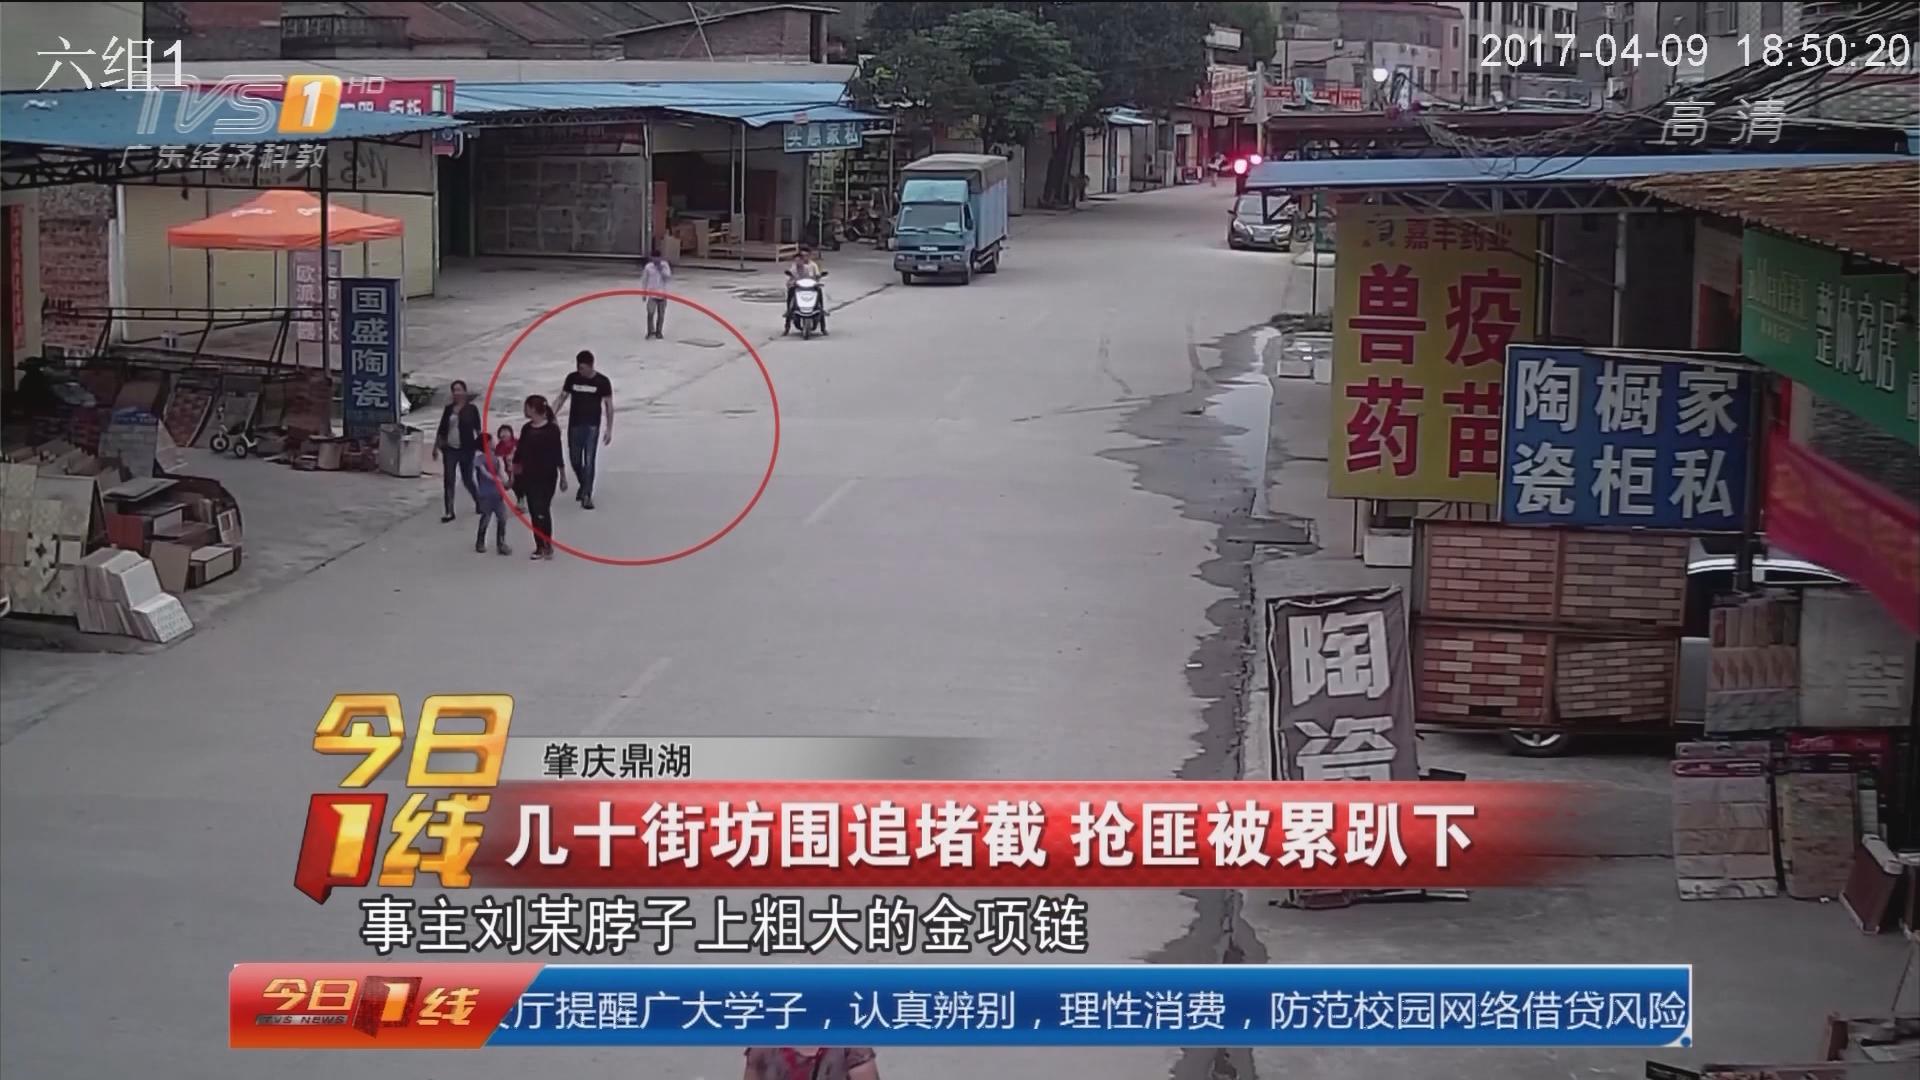 肇庆鼎湖:几十街坊围追堵截 抢匪被累趴下